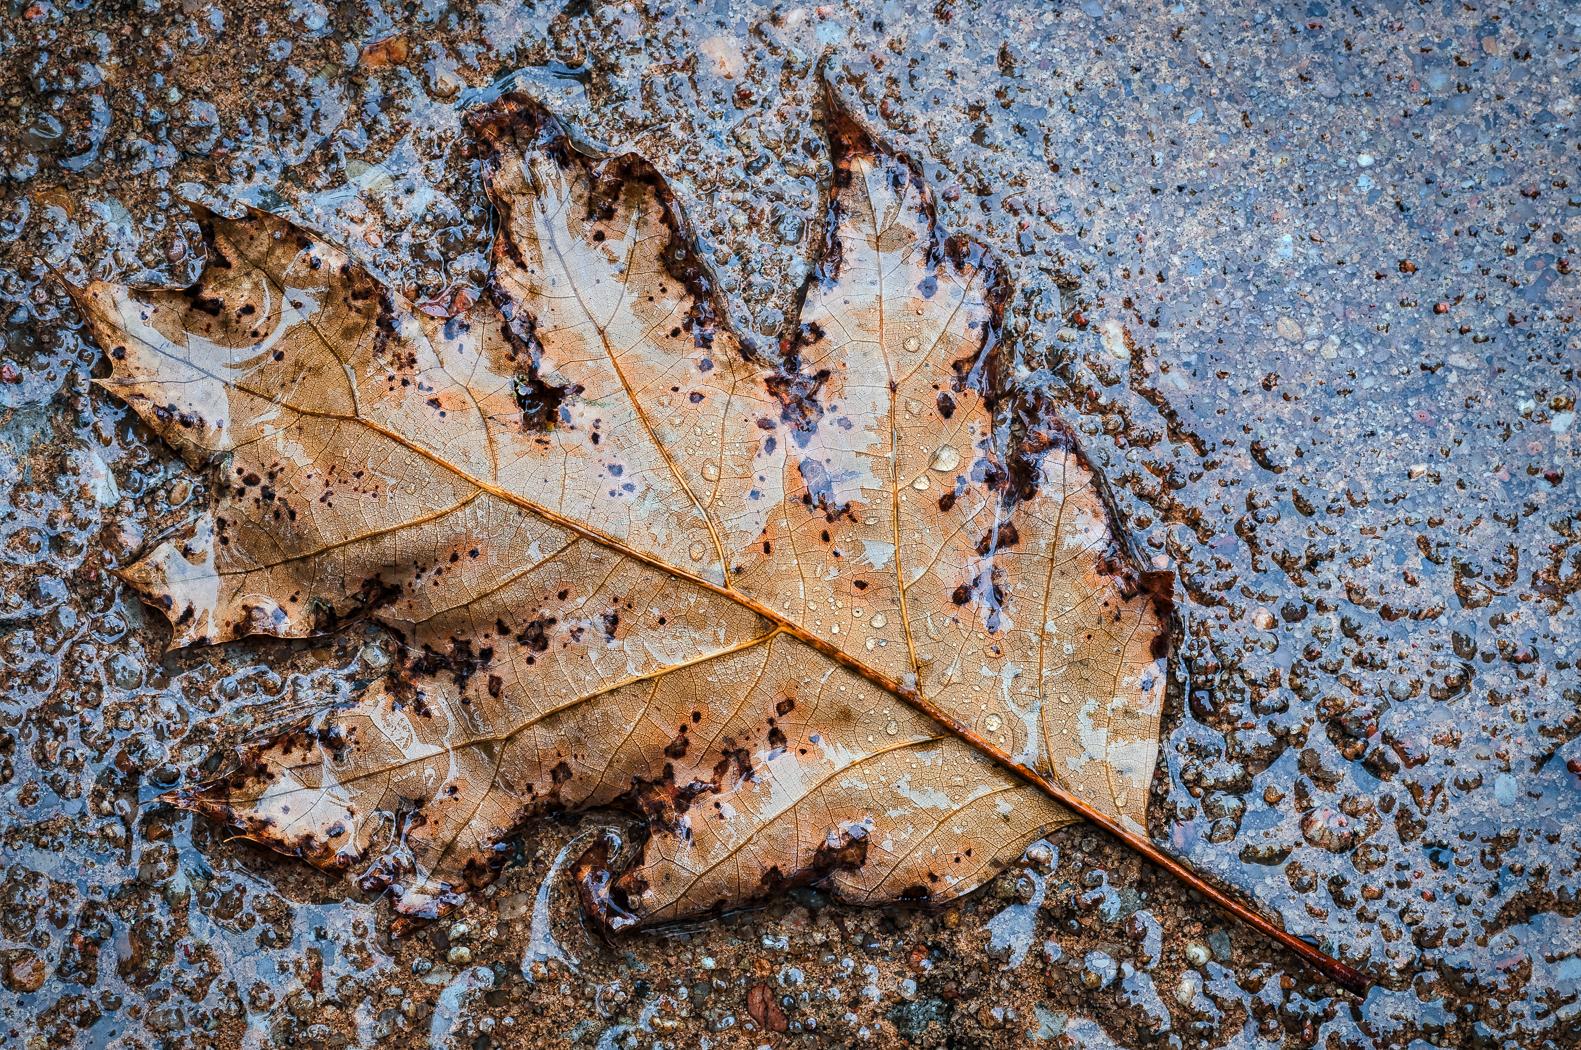 Fall Oak Leaf in the Rain